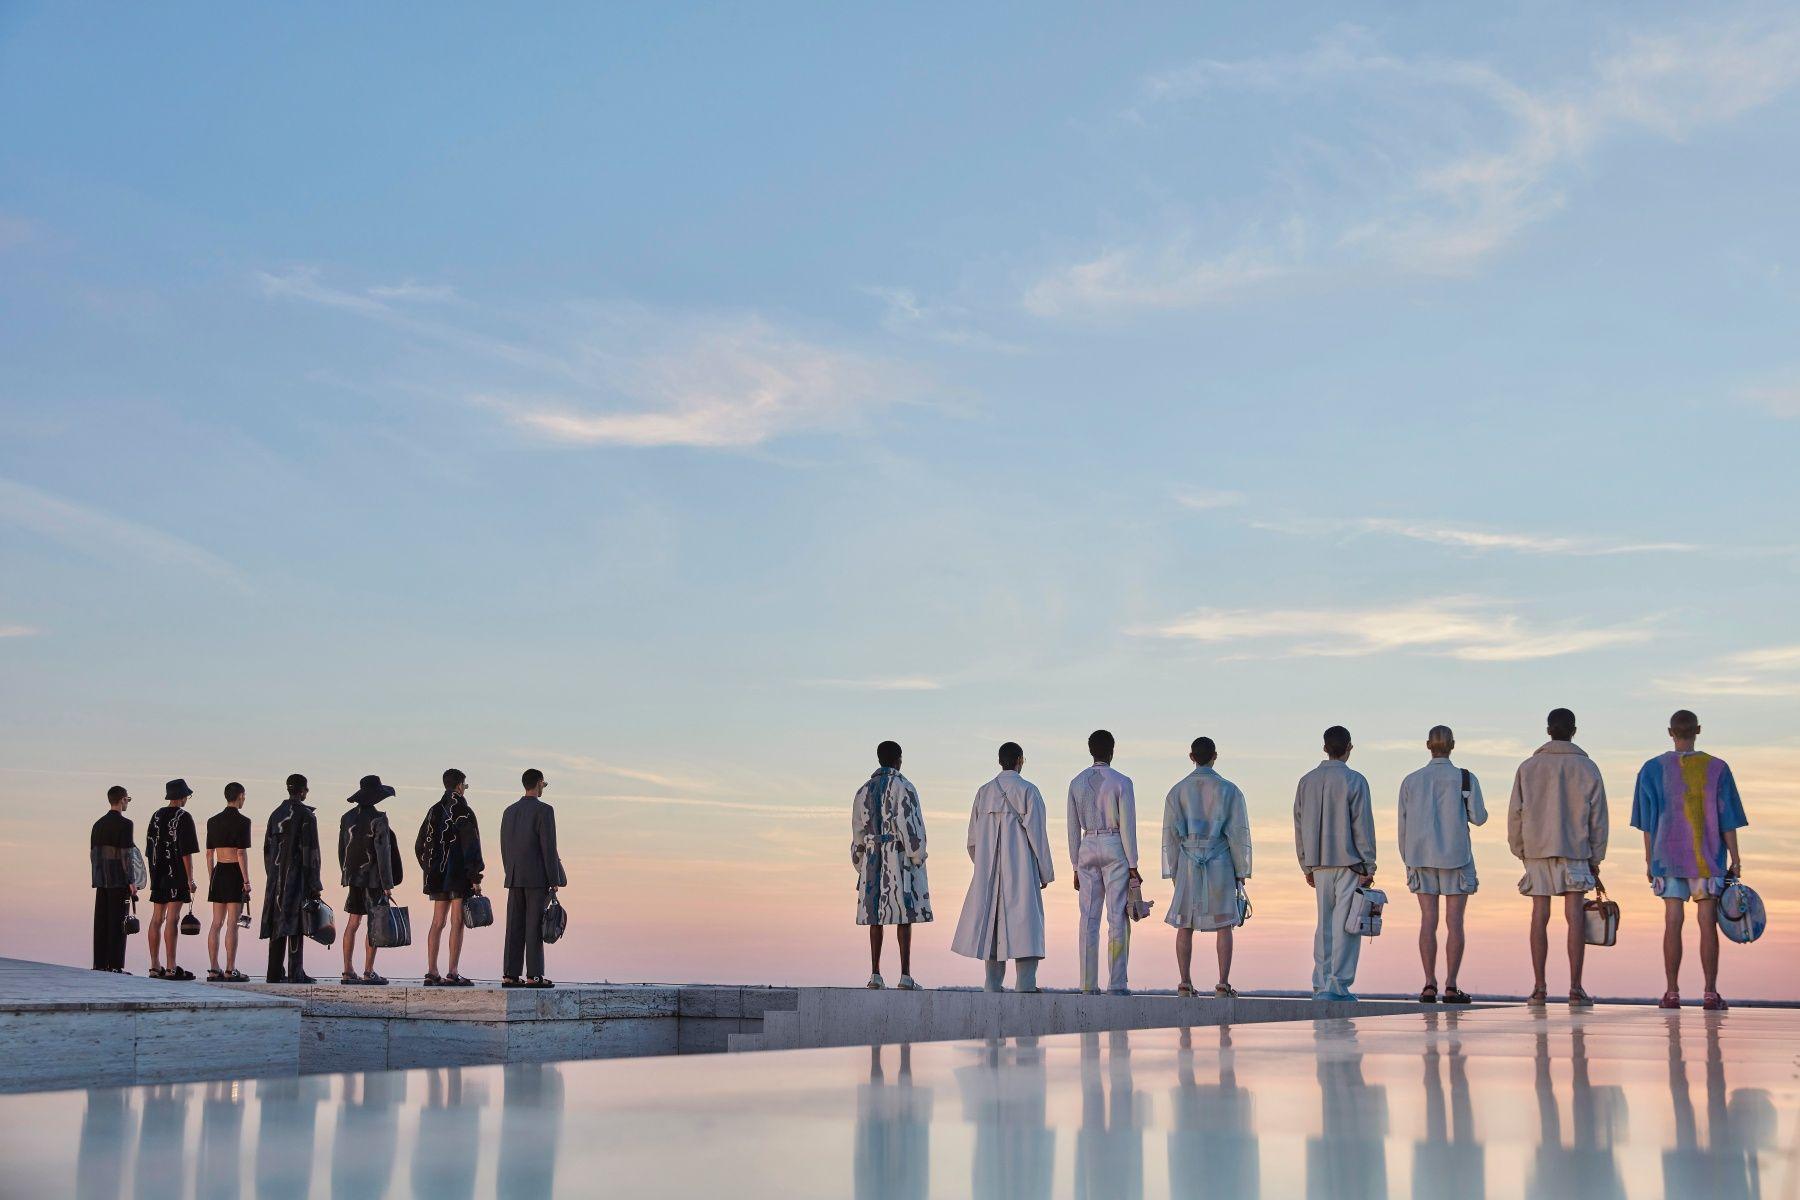 Fendi 2022 春夏男裝 7 大亮點一次看:大露螞蟻腰、解放雙腿,重新定義男人味